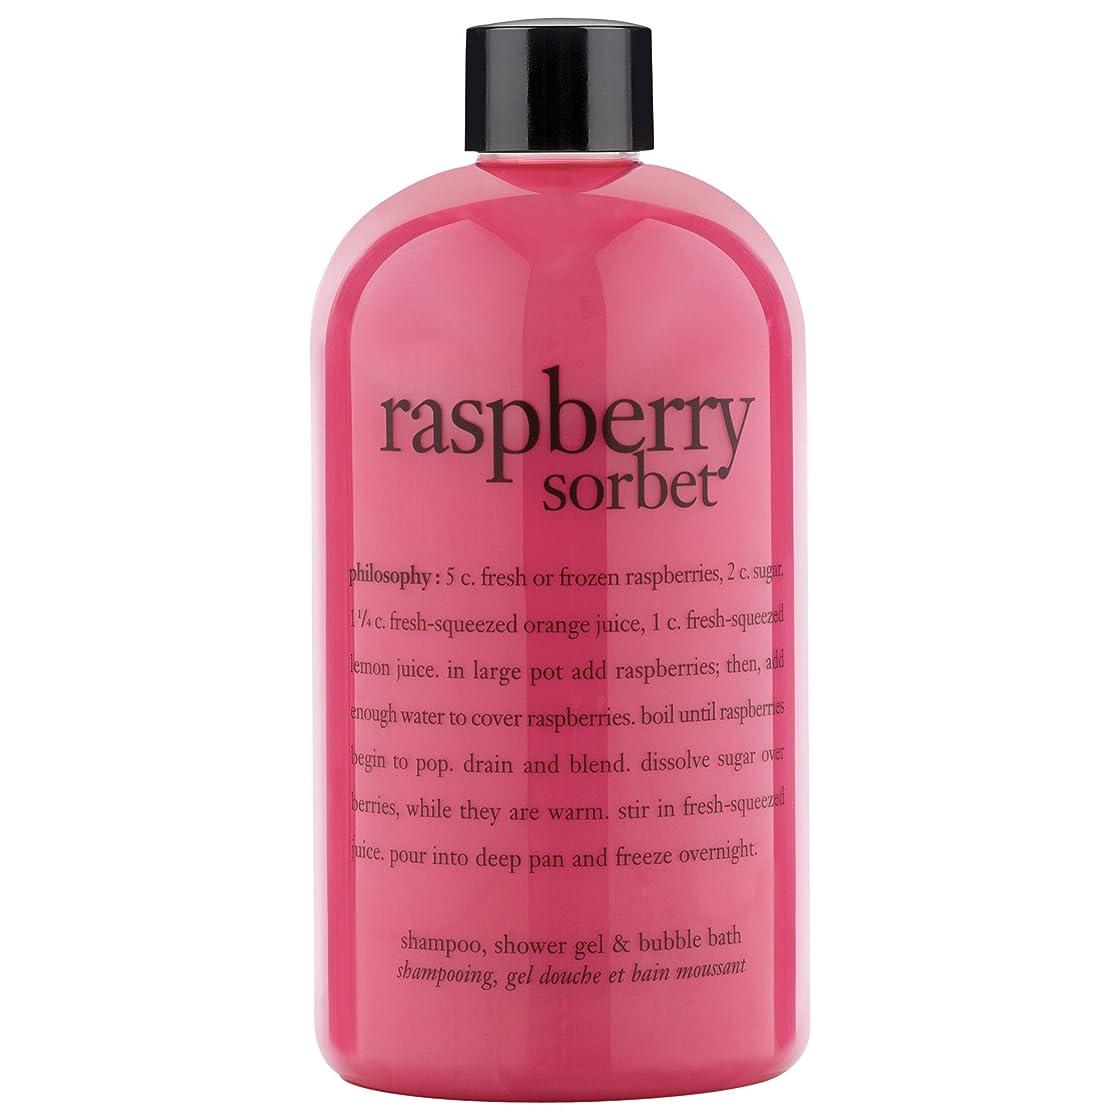 実験をするウィンク追い越す哲学ラズベリーシャワージェル480ミリリットル (Philosophy) (x2) - Philosophy Raspberry Shower Gel 480ml (Pack of 2) [並行輸入品]